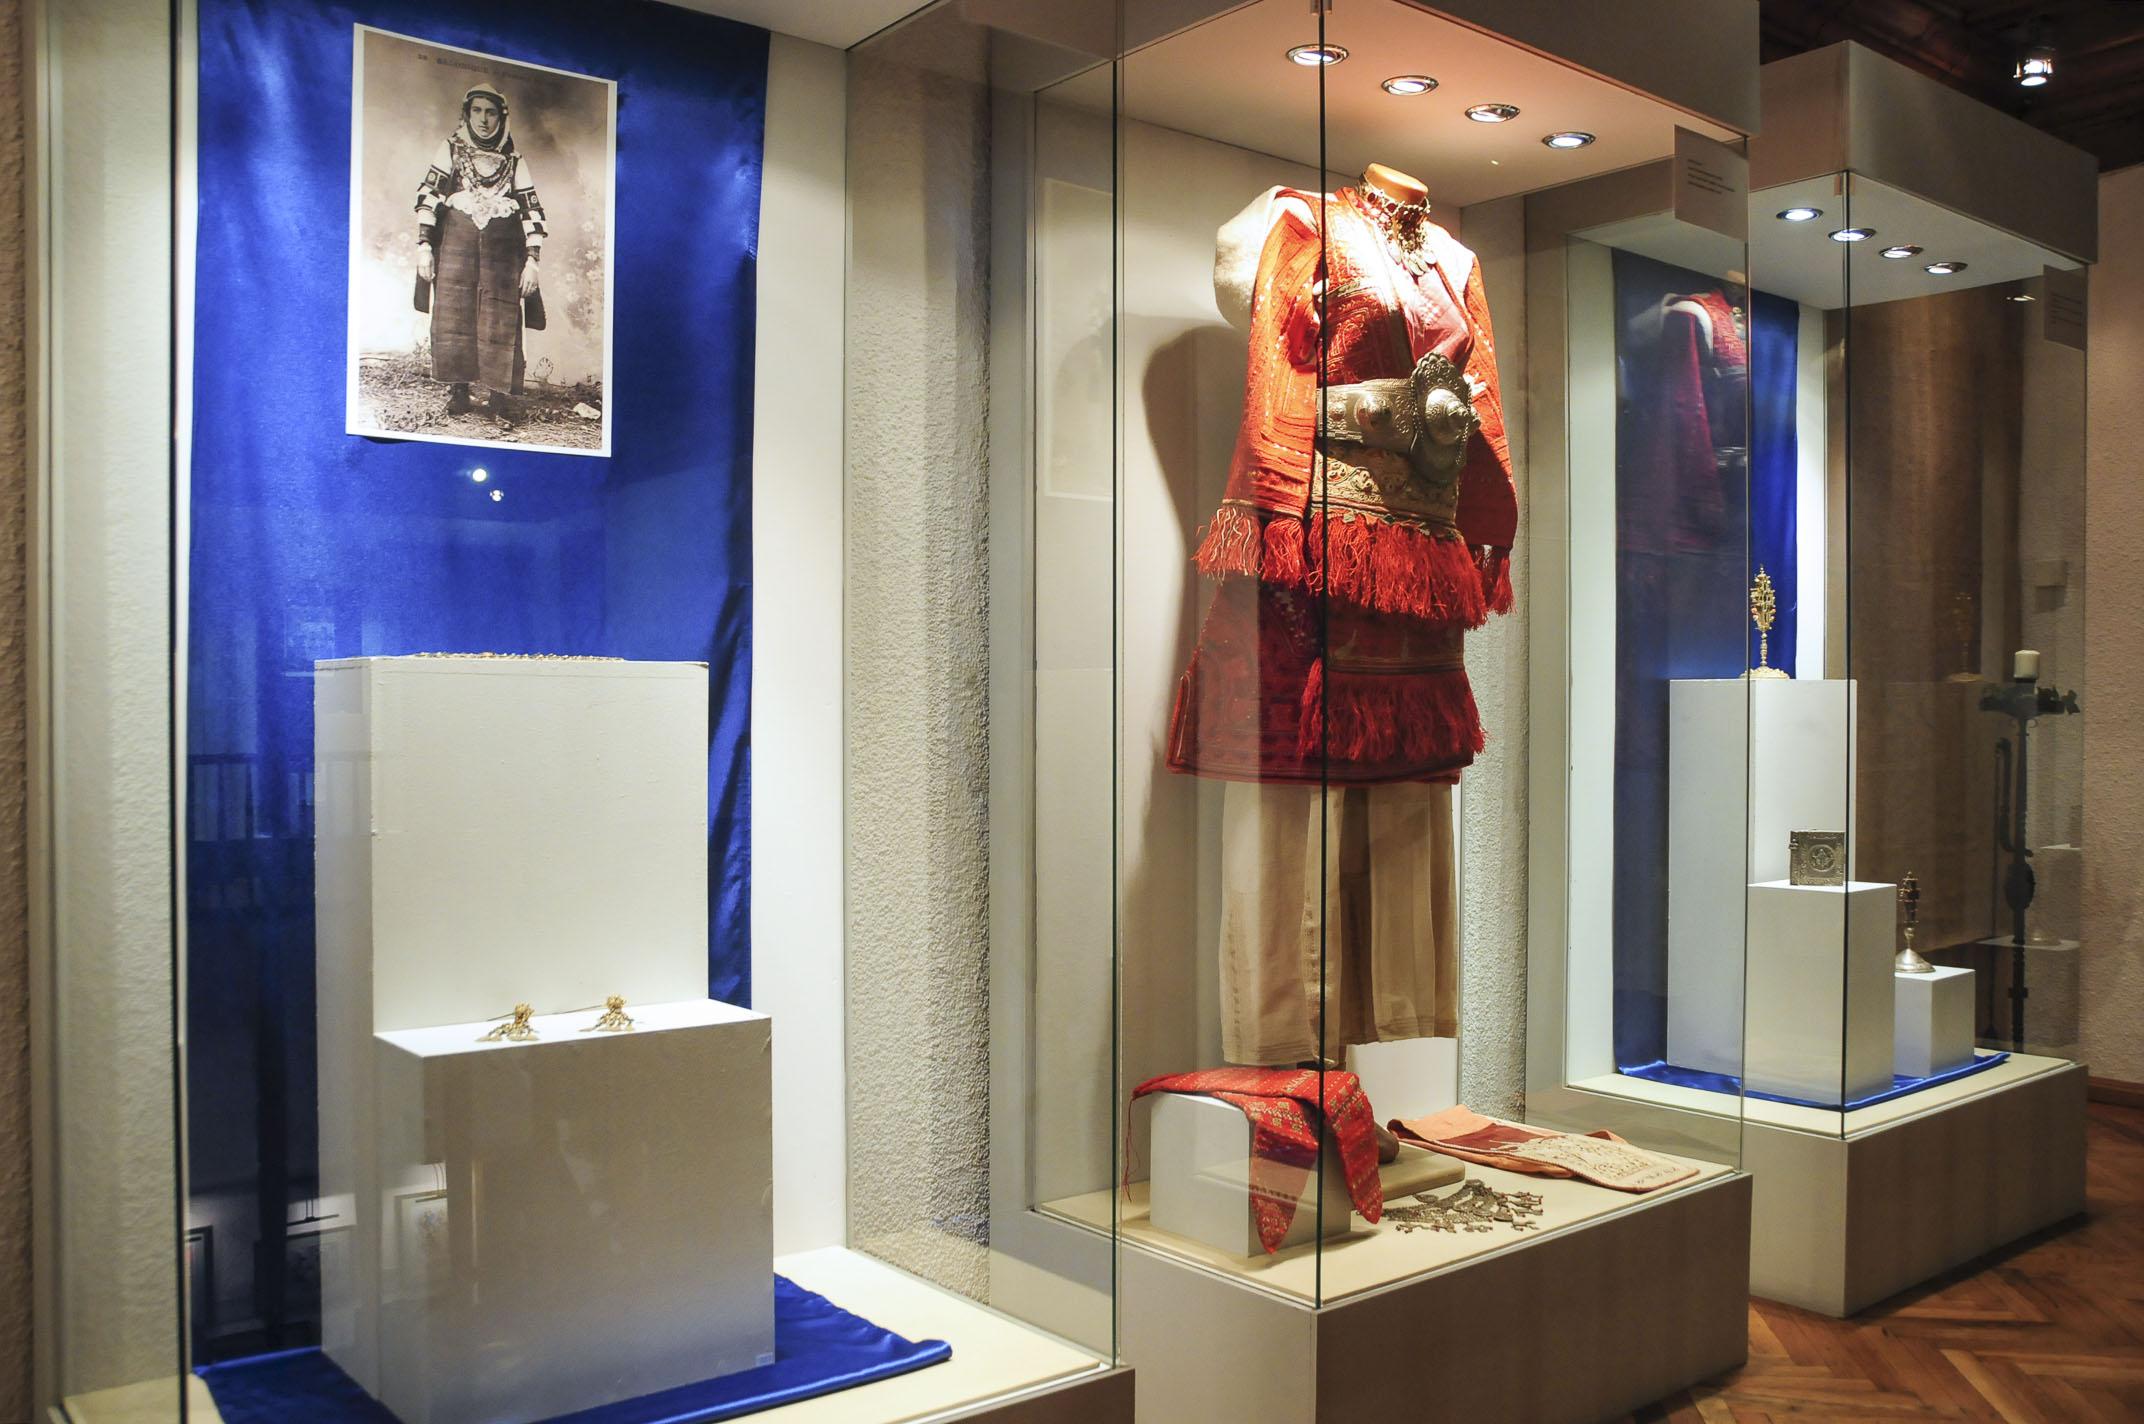 troyan-museum-bylgarsko-zlatarsko-izkustvo-36